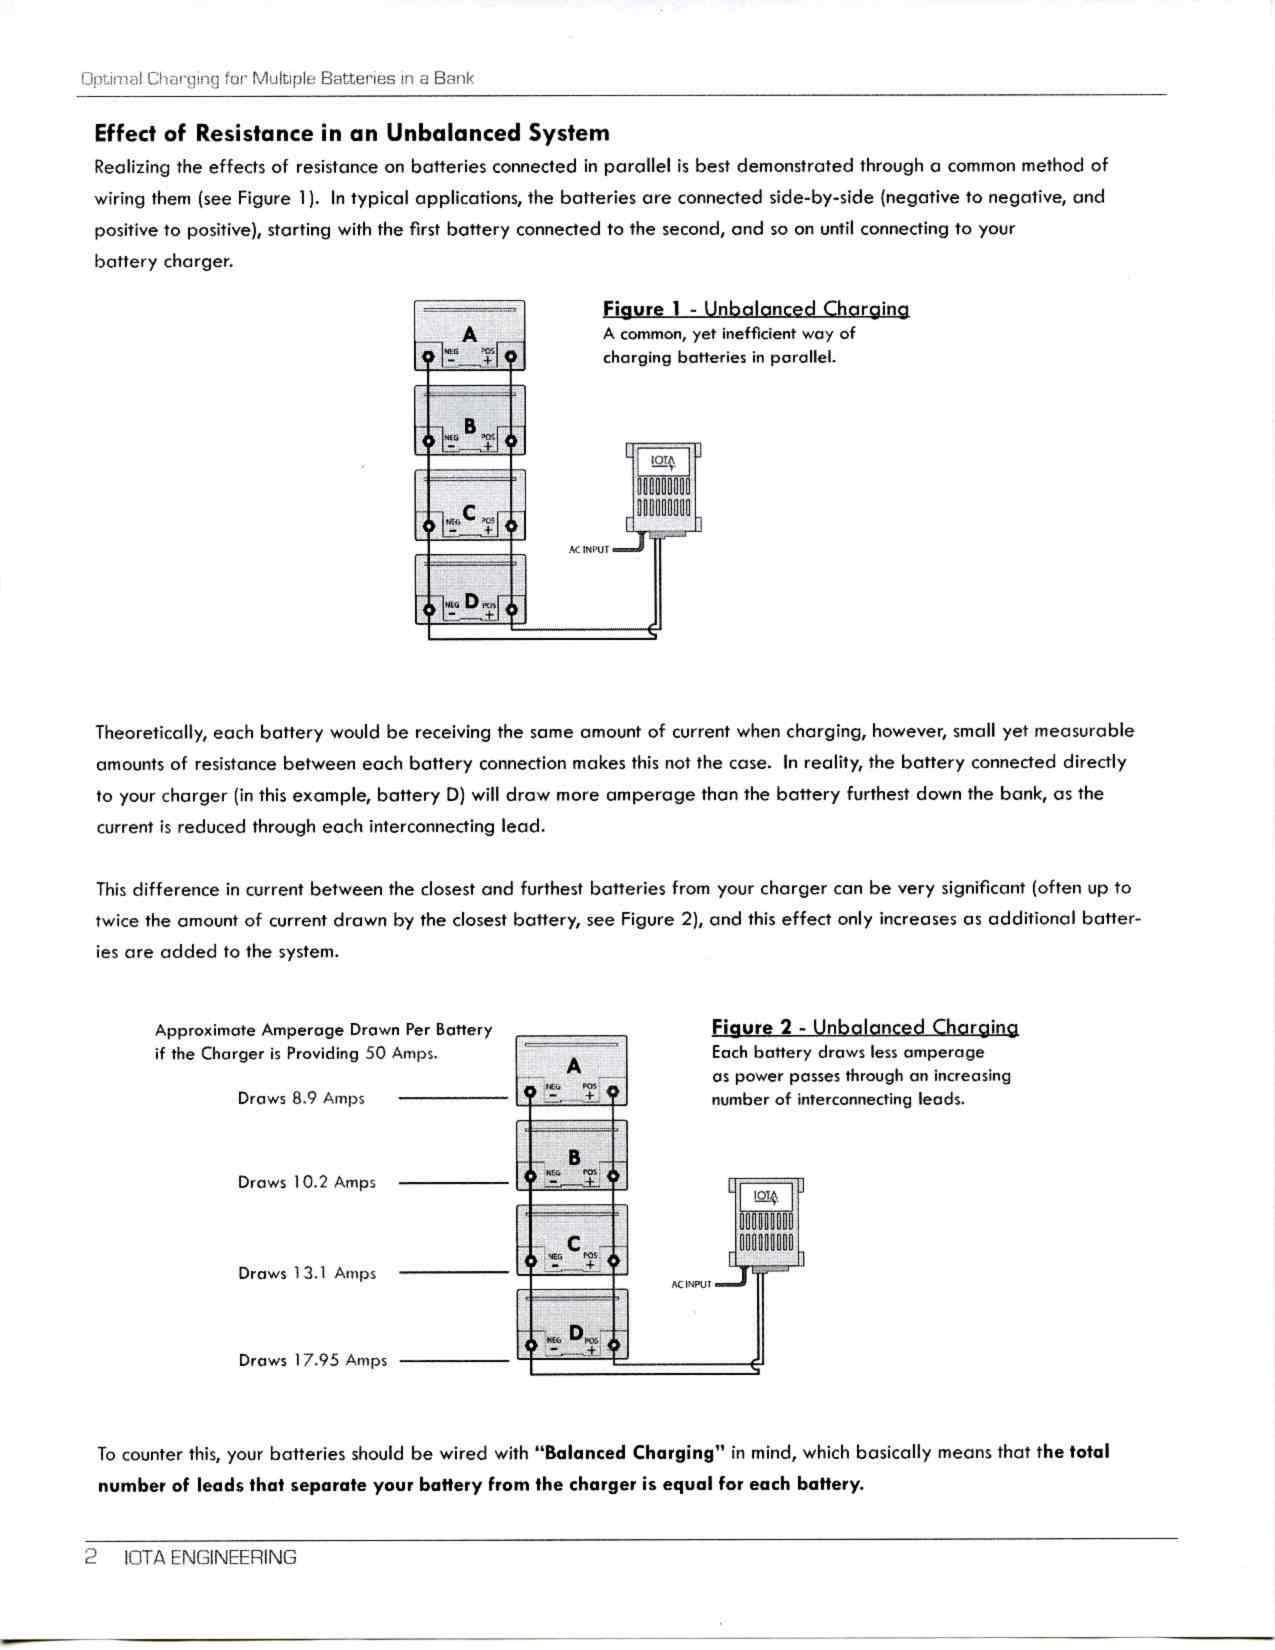 445bfb720?resize\\\=665%2C861 iota emergency ballast wiring diagram 1 lamp gandul 45 77 79 119  at sewacar.co